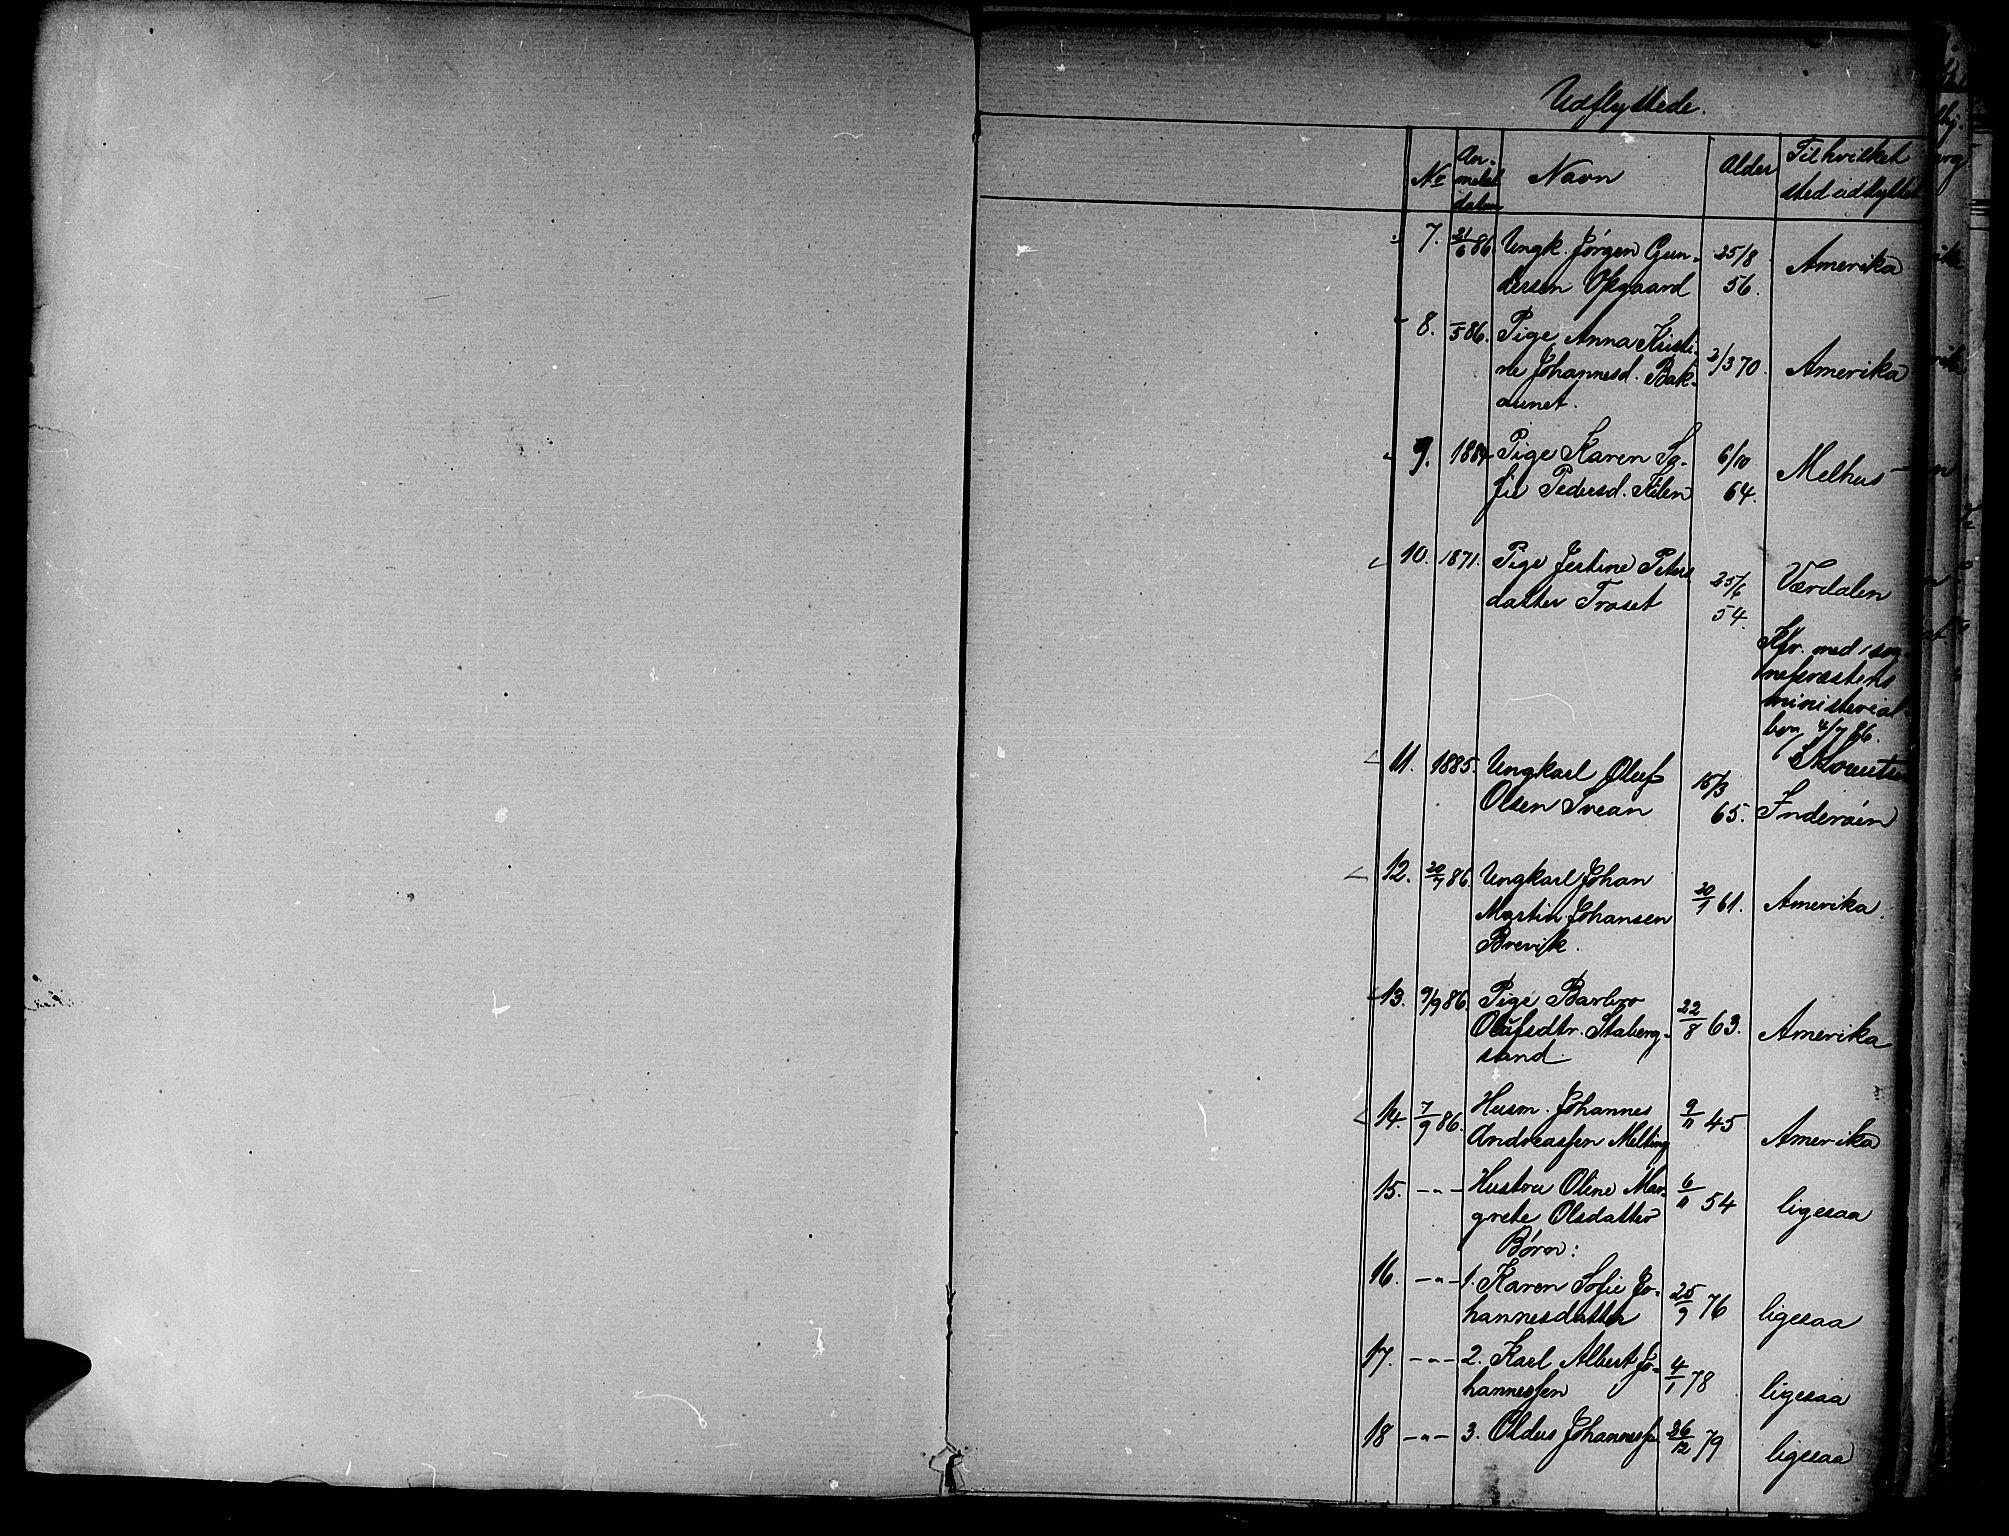 SAT, Ministerialprotokoller, klokkerbøker og fødselsregistre - Nord-Trøndelag, 733/L0326: Klokkerbok nr. 733C01, 1871-1887, s. 195